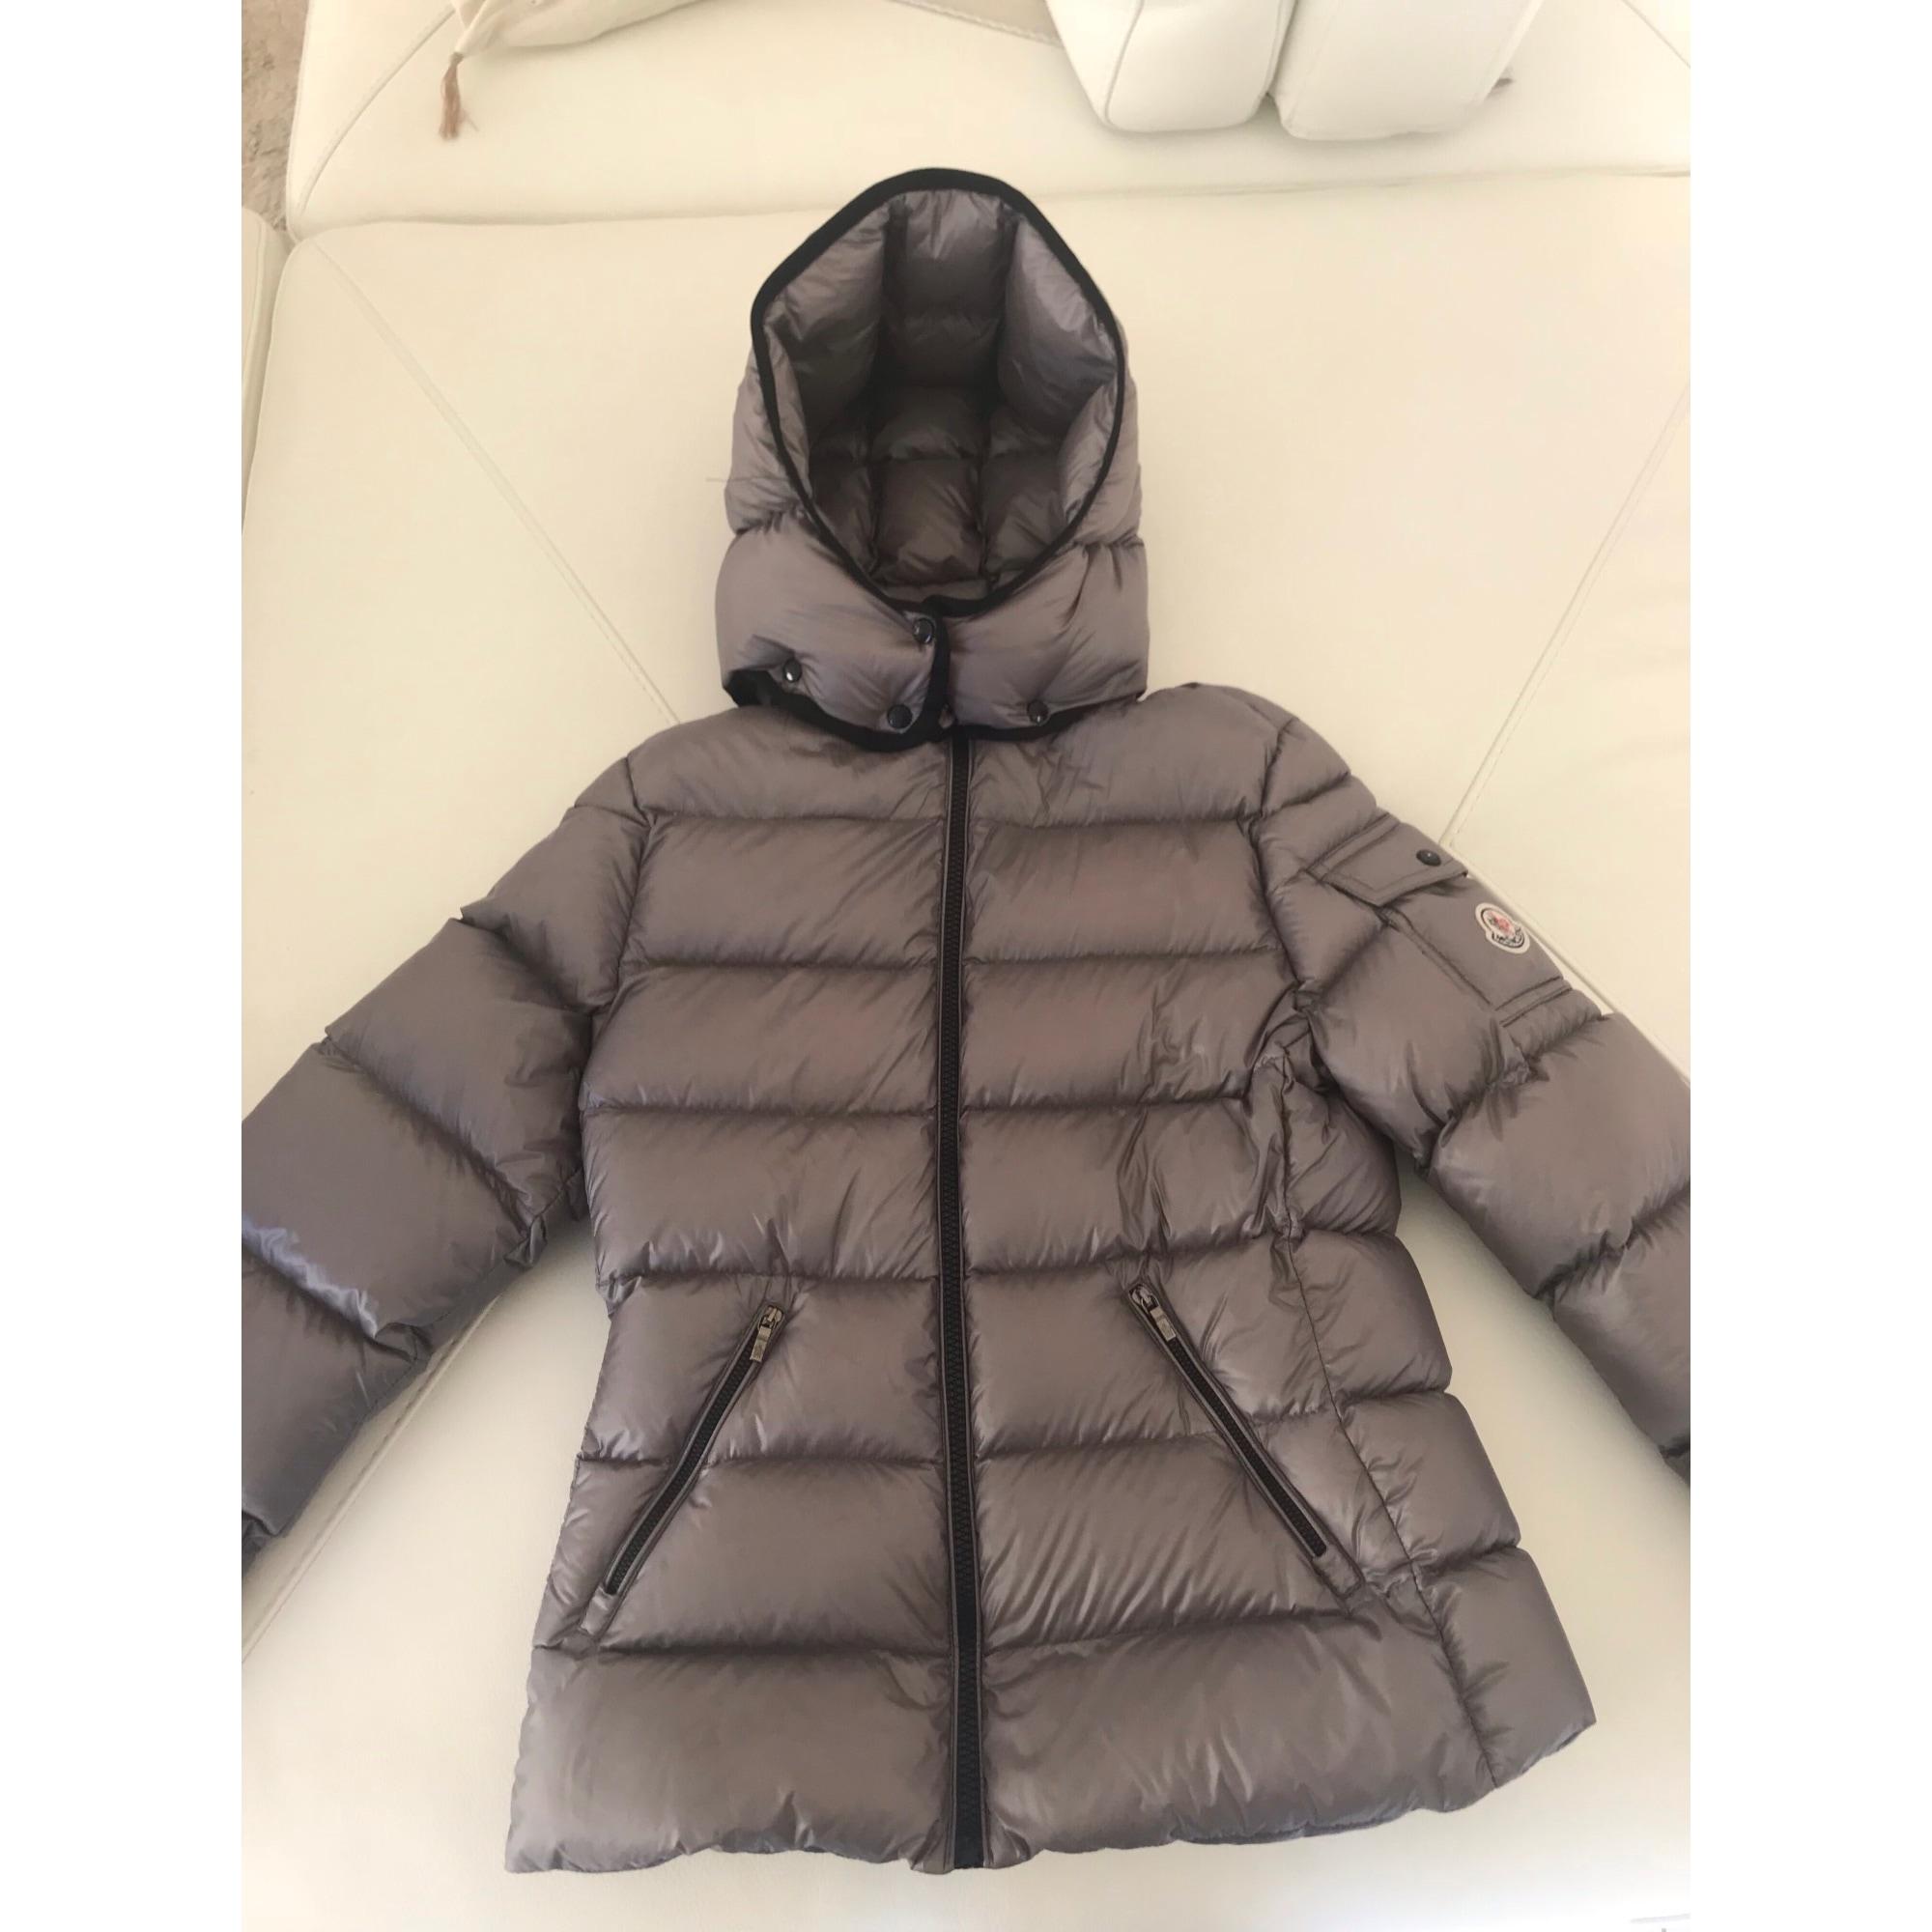 3987db2eb7e0 Doudoune MONCLER 13-14 ans gris vendu par D anna 139226760 - 8151924